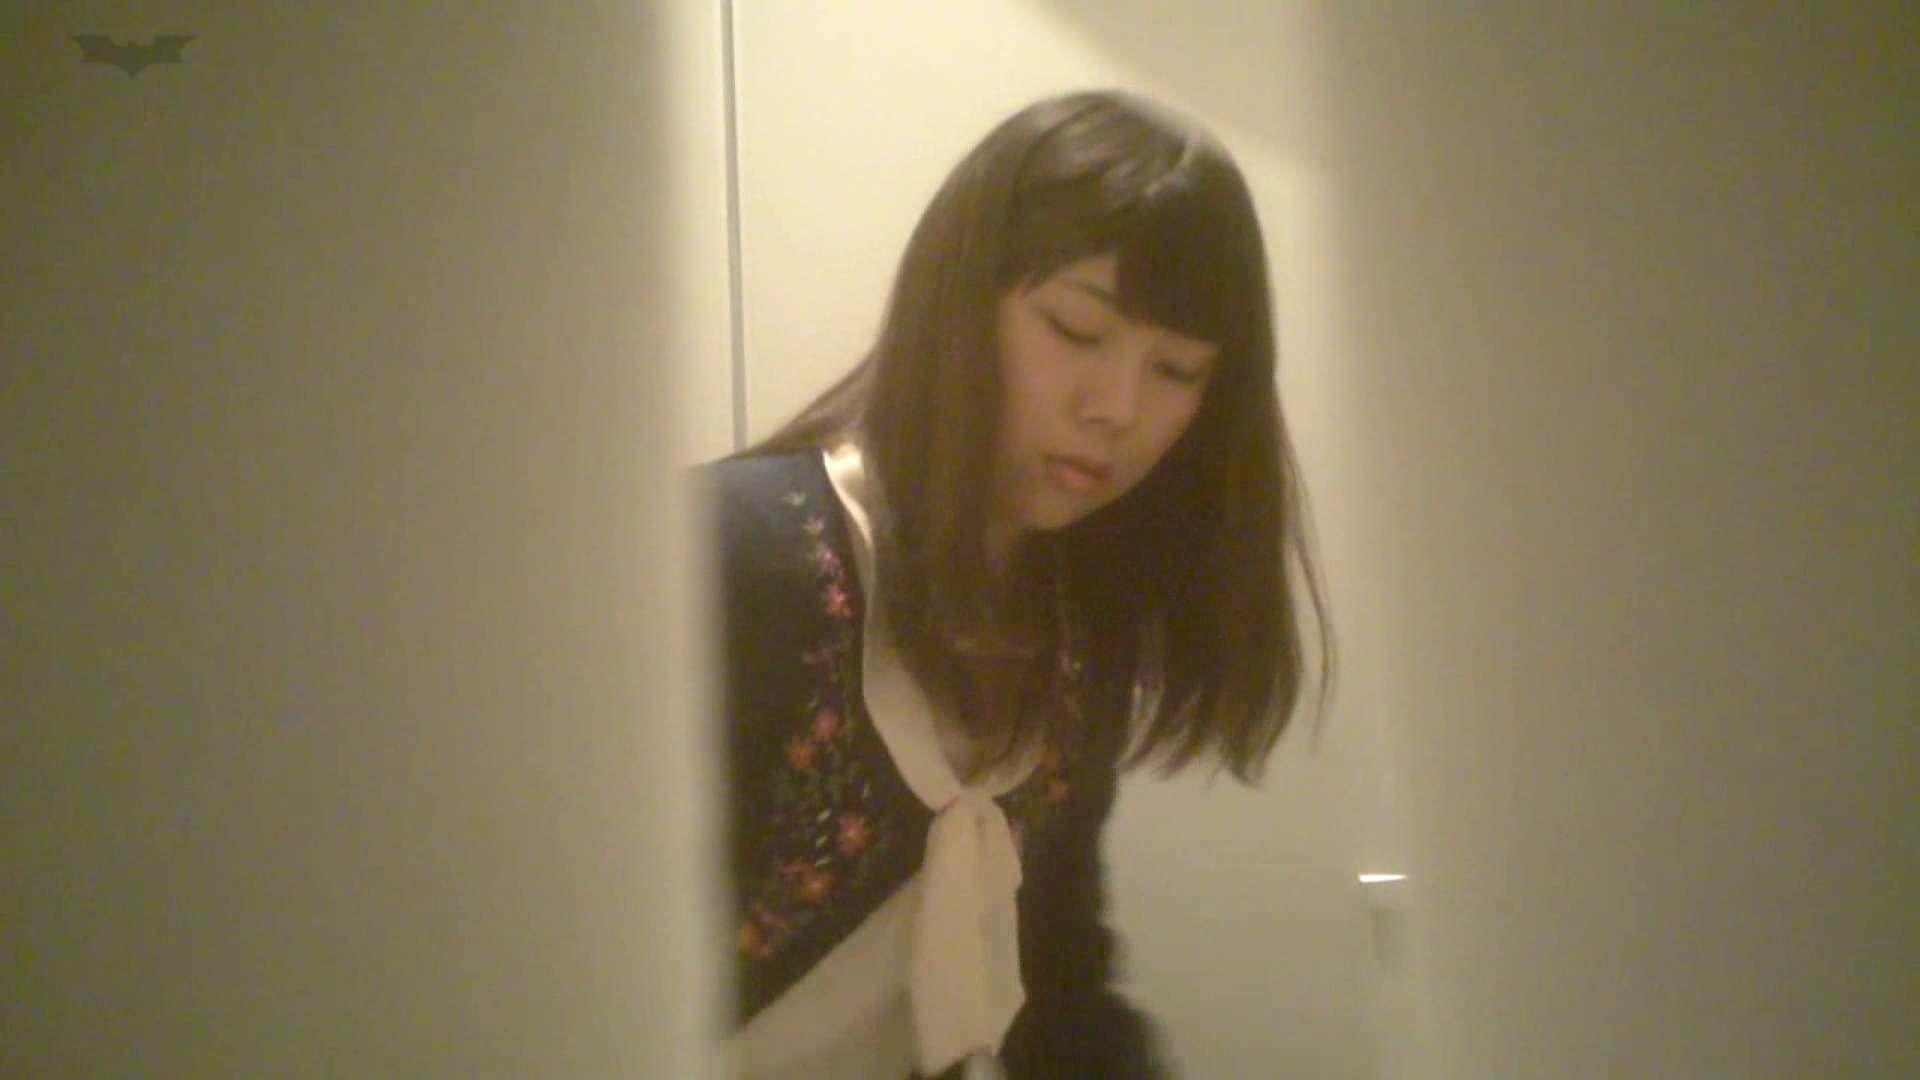 有名大学女性洗面所 vol.45 冴え渡る多方向撮影!職人技です。 洗面所のぞき  101枚 81